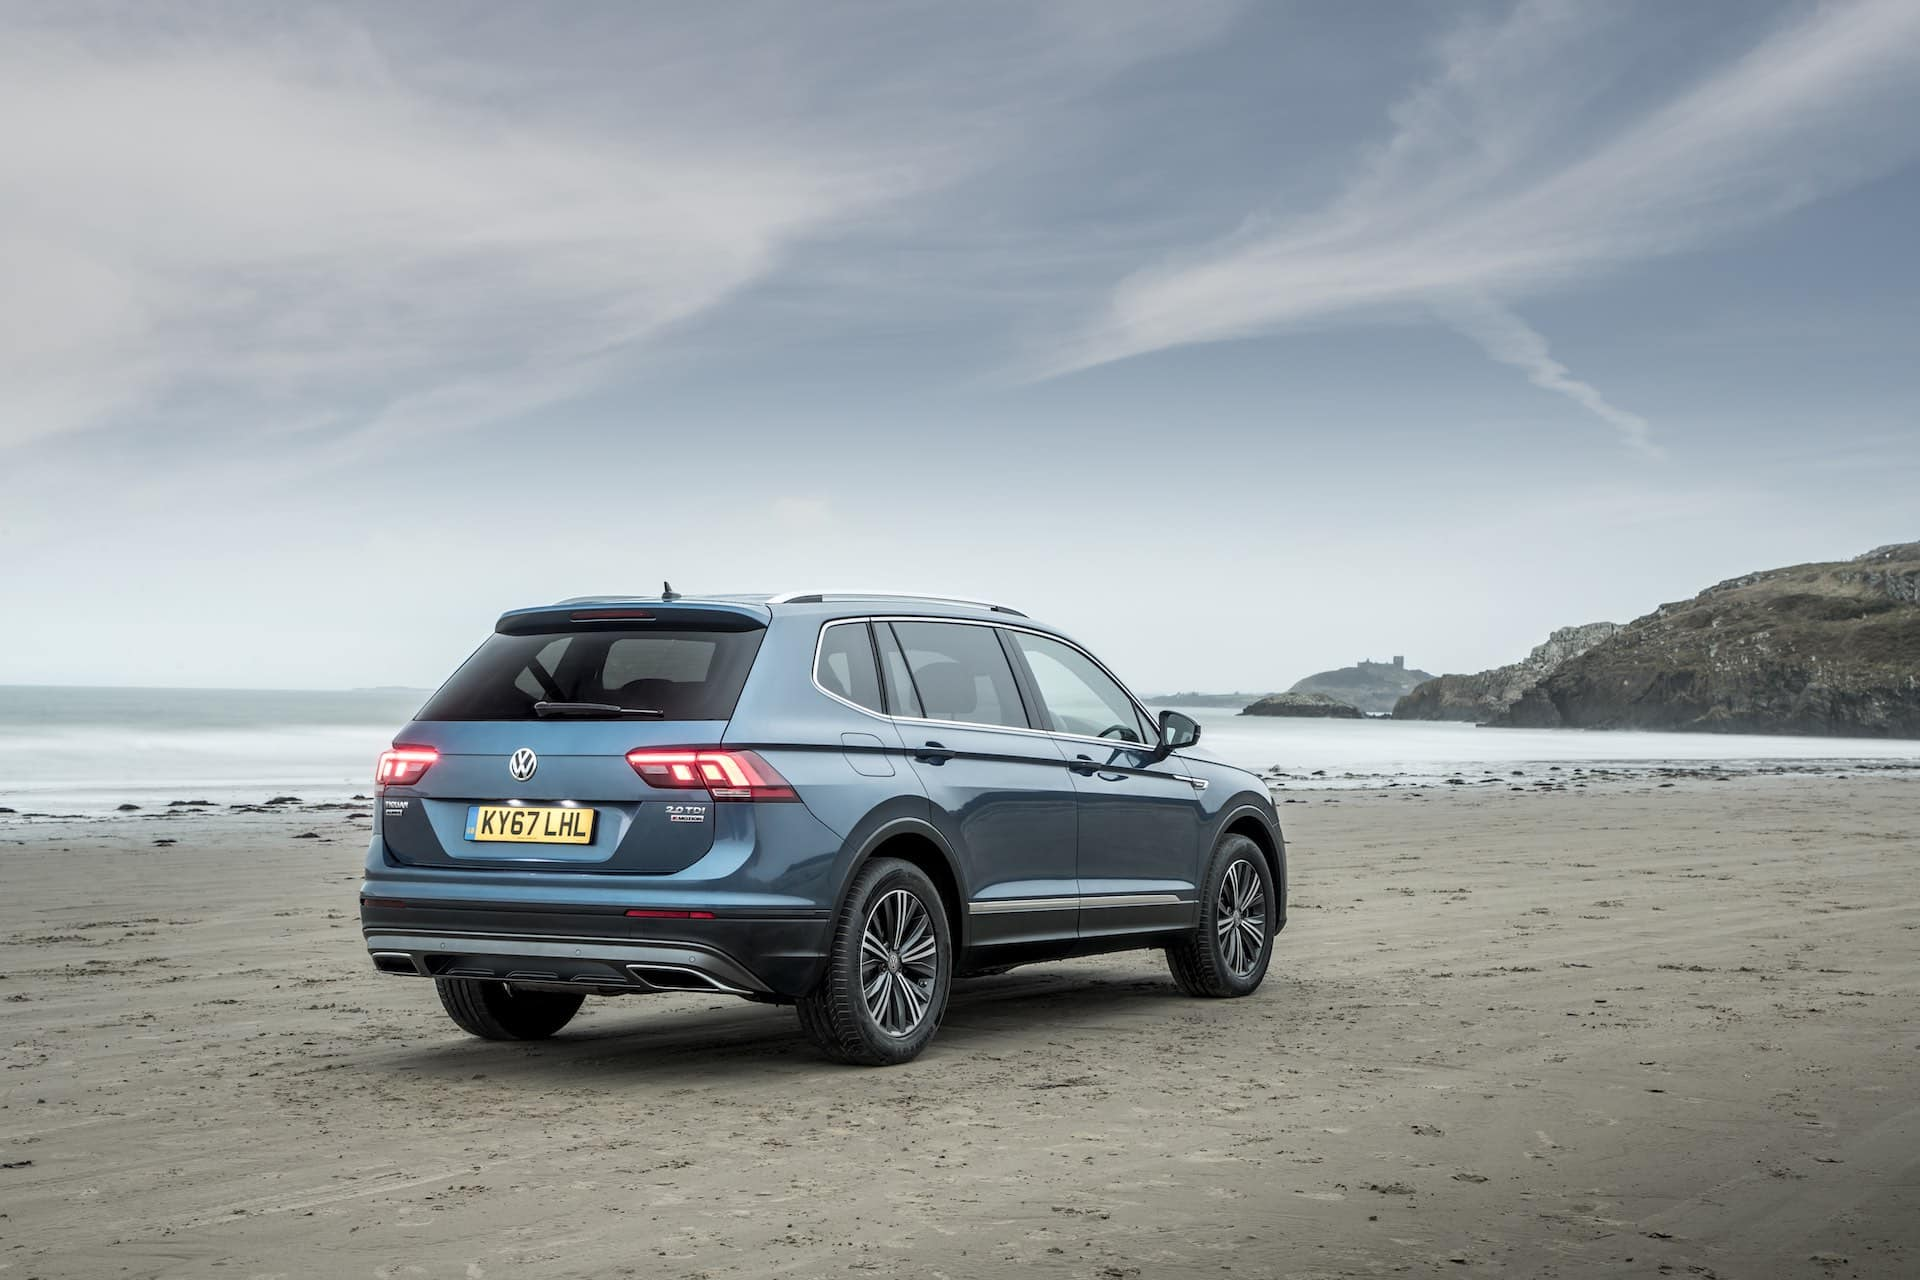 VW Tiguan Allspace on a beach